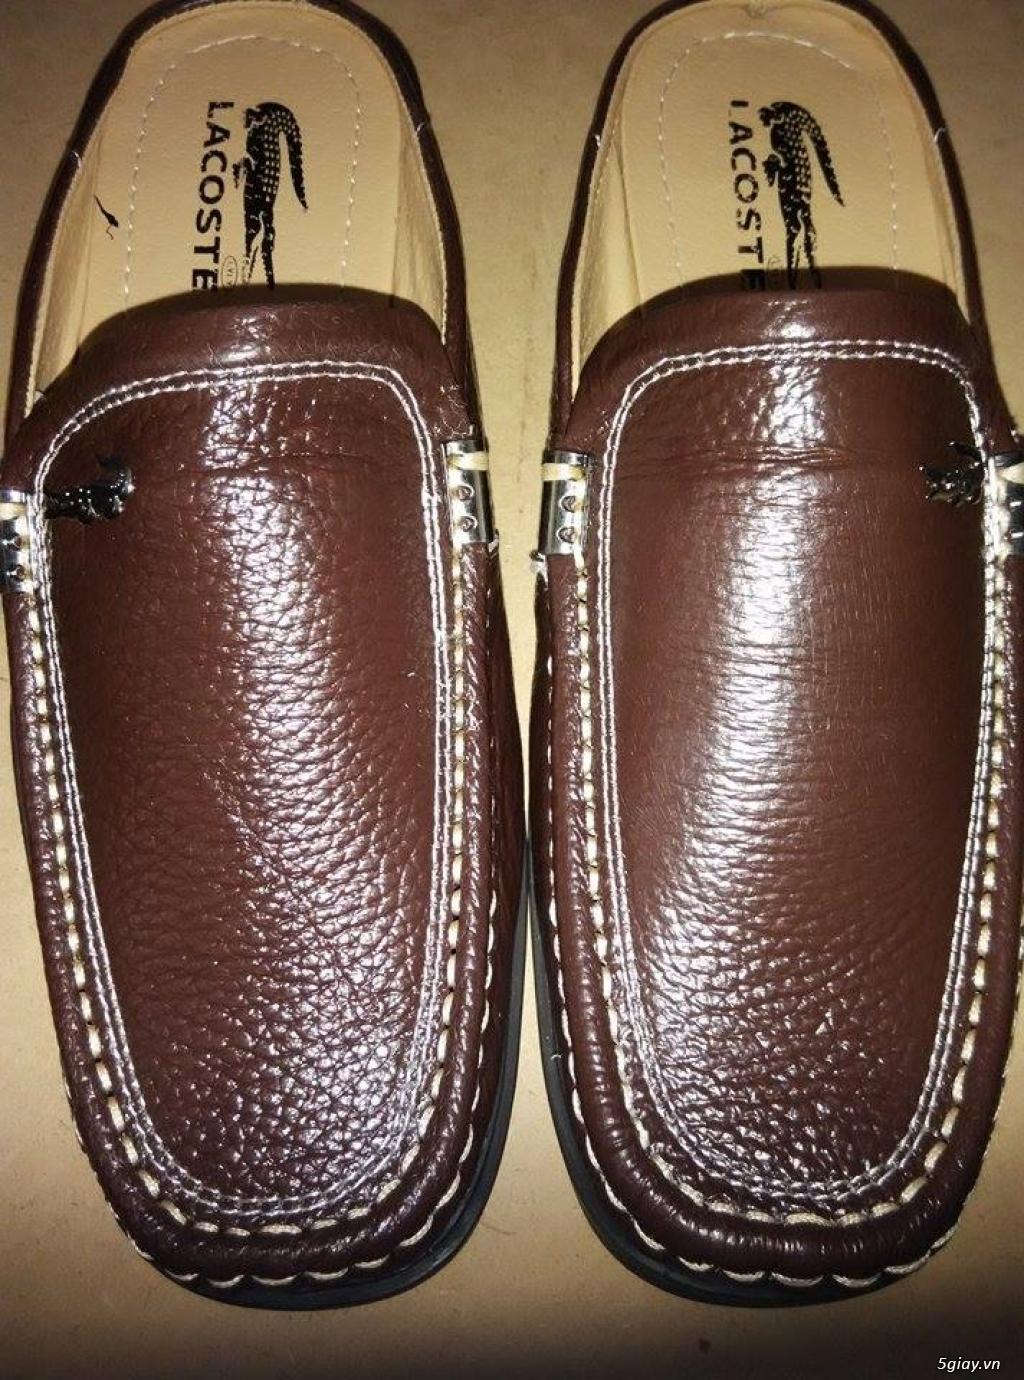 Giày Dép Da Thật 100% - giá quá ư là rẻ nè ...Ghé xem đi mn ơi.... - 21